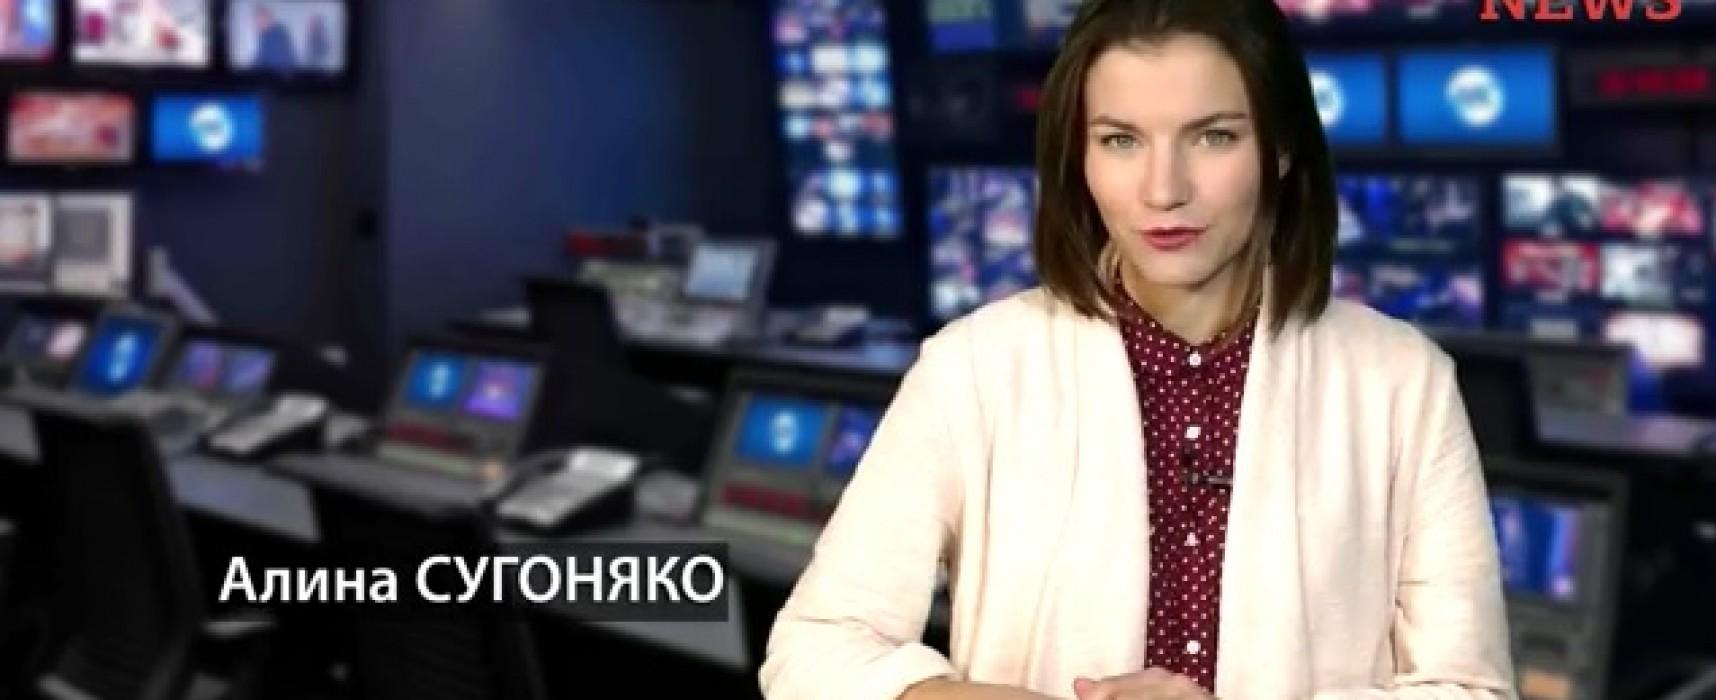 Недельный видеодайджест новостей от StopFake. Выпуск #32